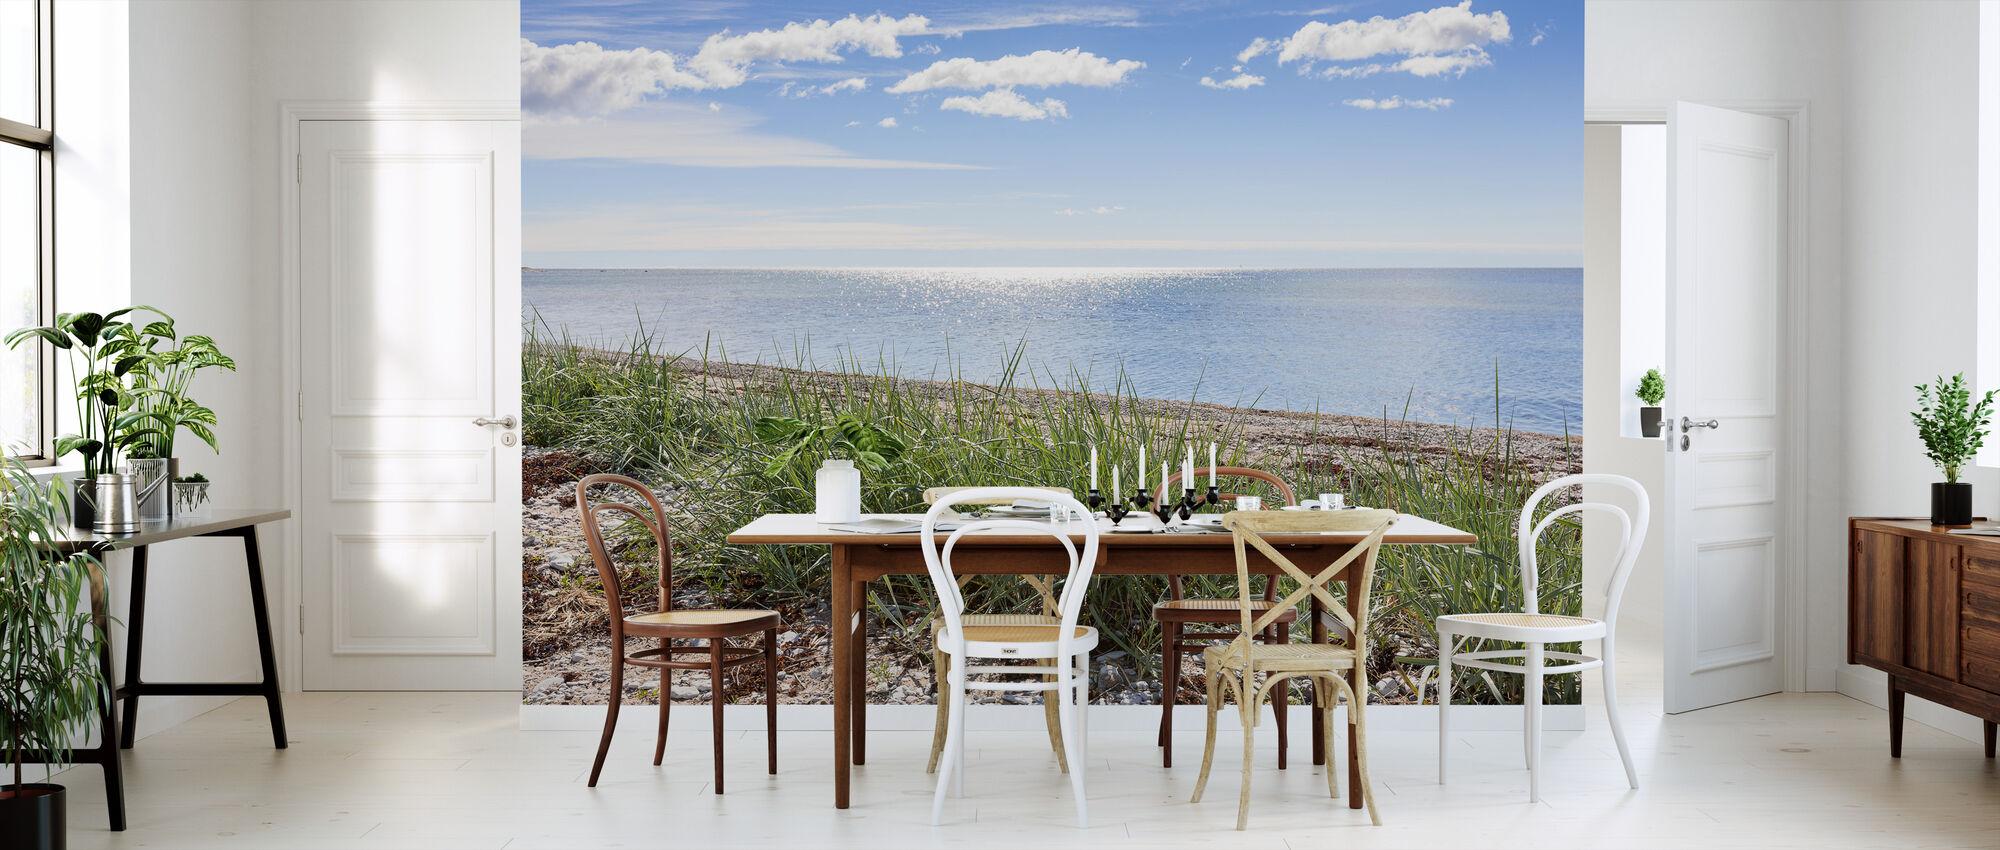 Gotland Beach - Wallpaper - Kitchen